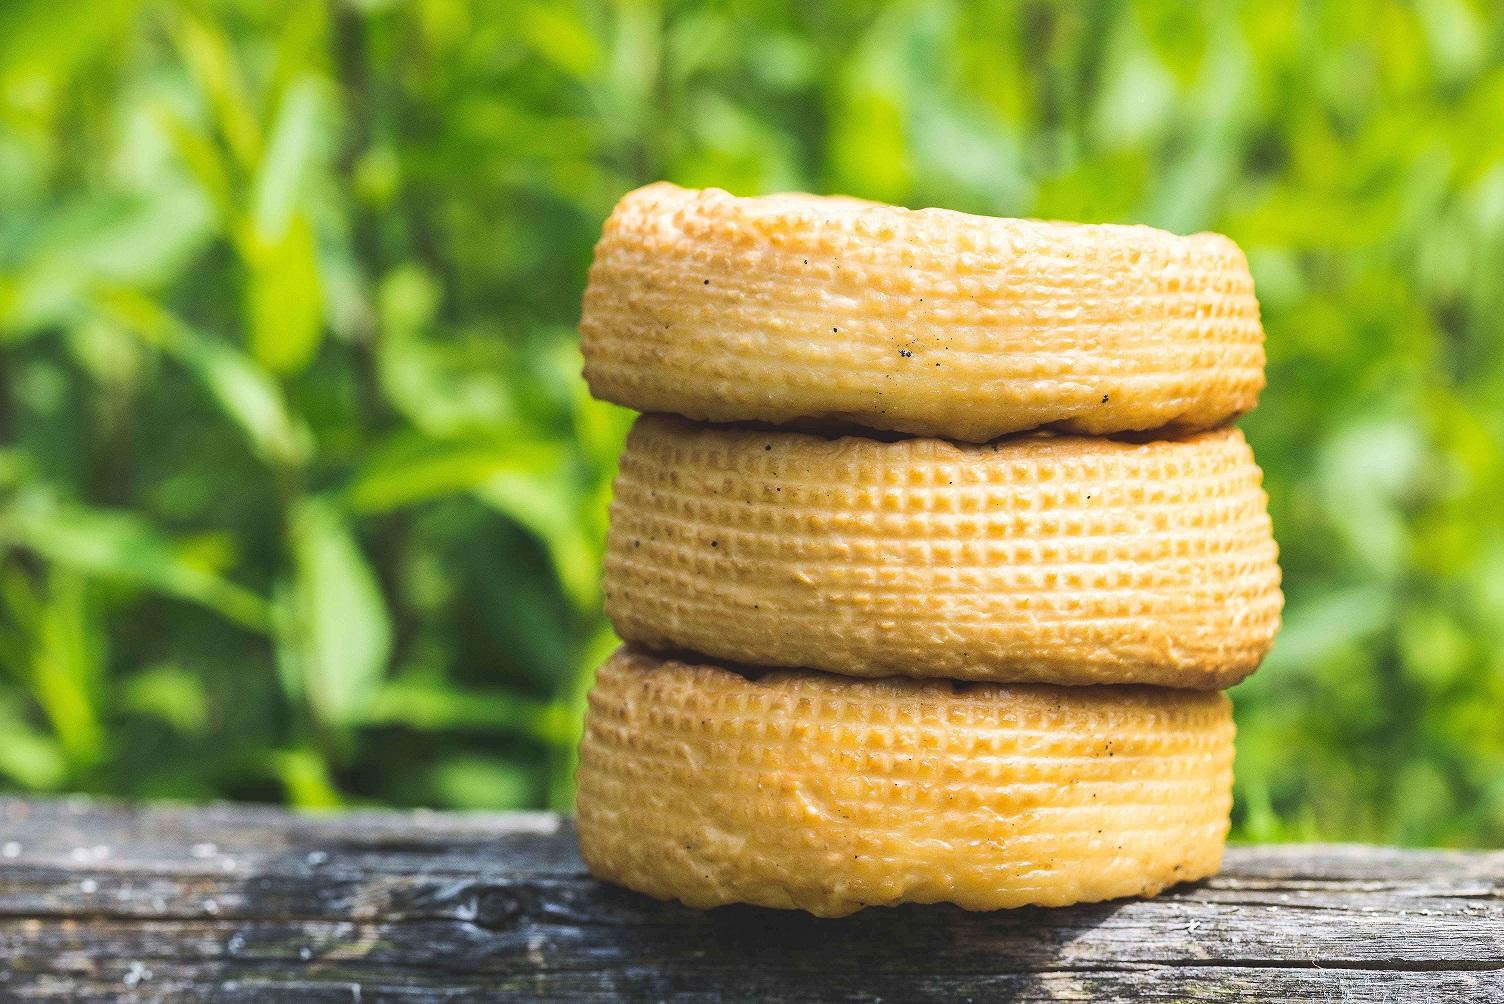 Kaszubska koza 2 1 - Pomorze pełne tradycyjnych smaków